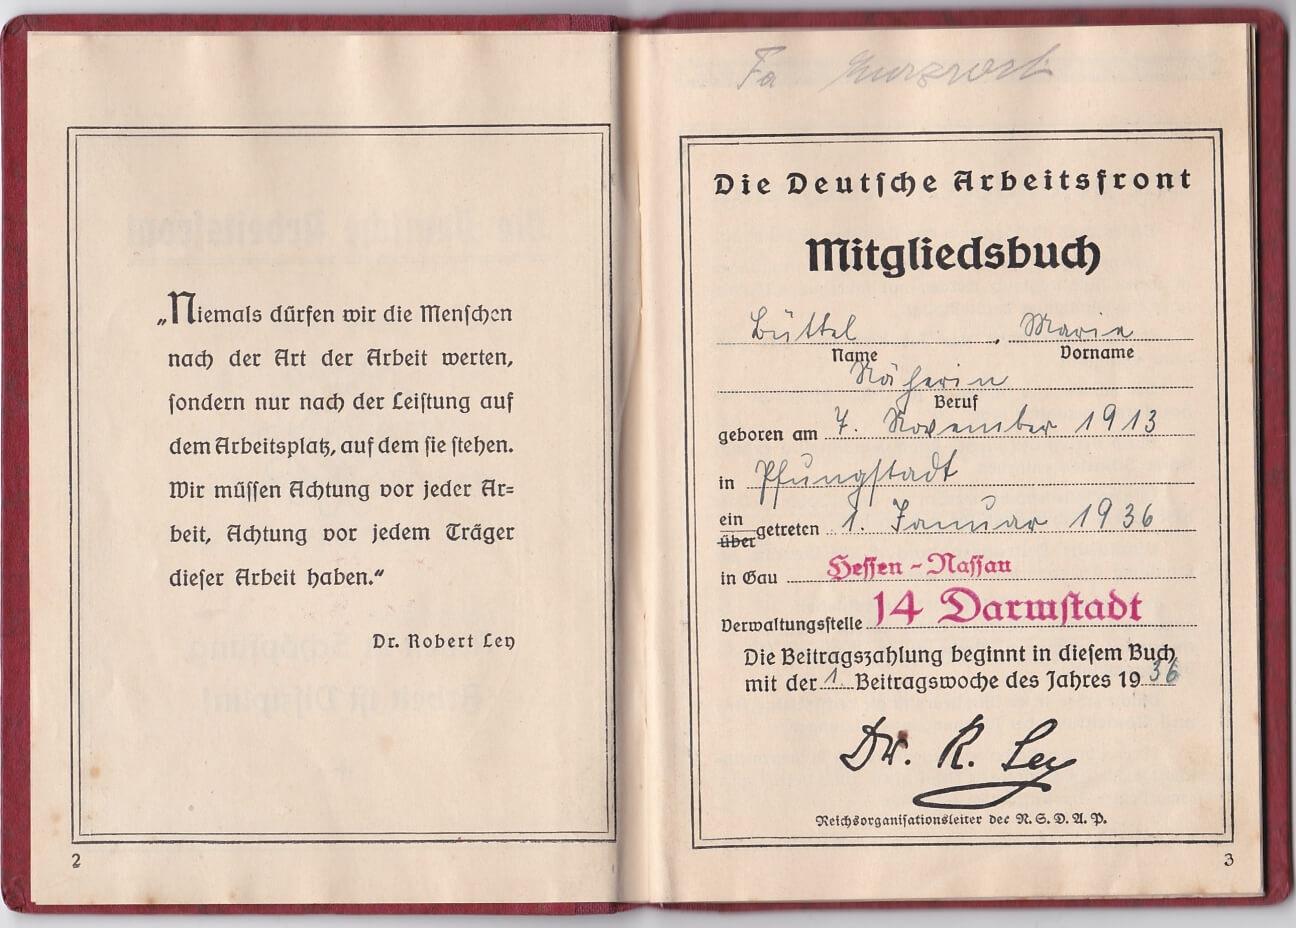 Die Deutsche Arbeitsfront Mitglidsbuch